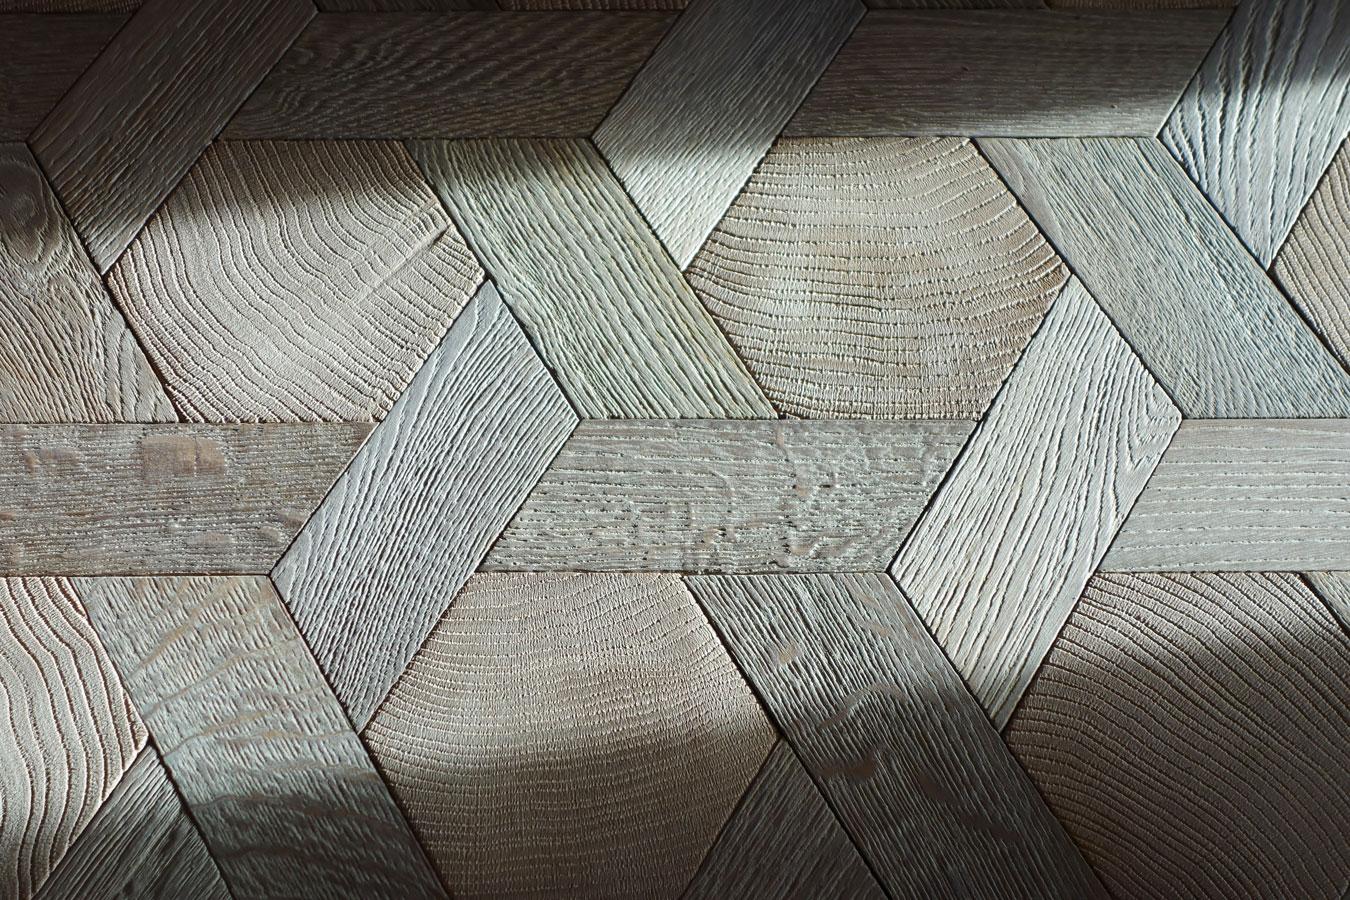 jeux de lumi re parquet tapis hexagone en bois debout et bois de fil ch ne massif n 960. Black Bedroom Furniture Sets. Home Design Ideas